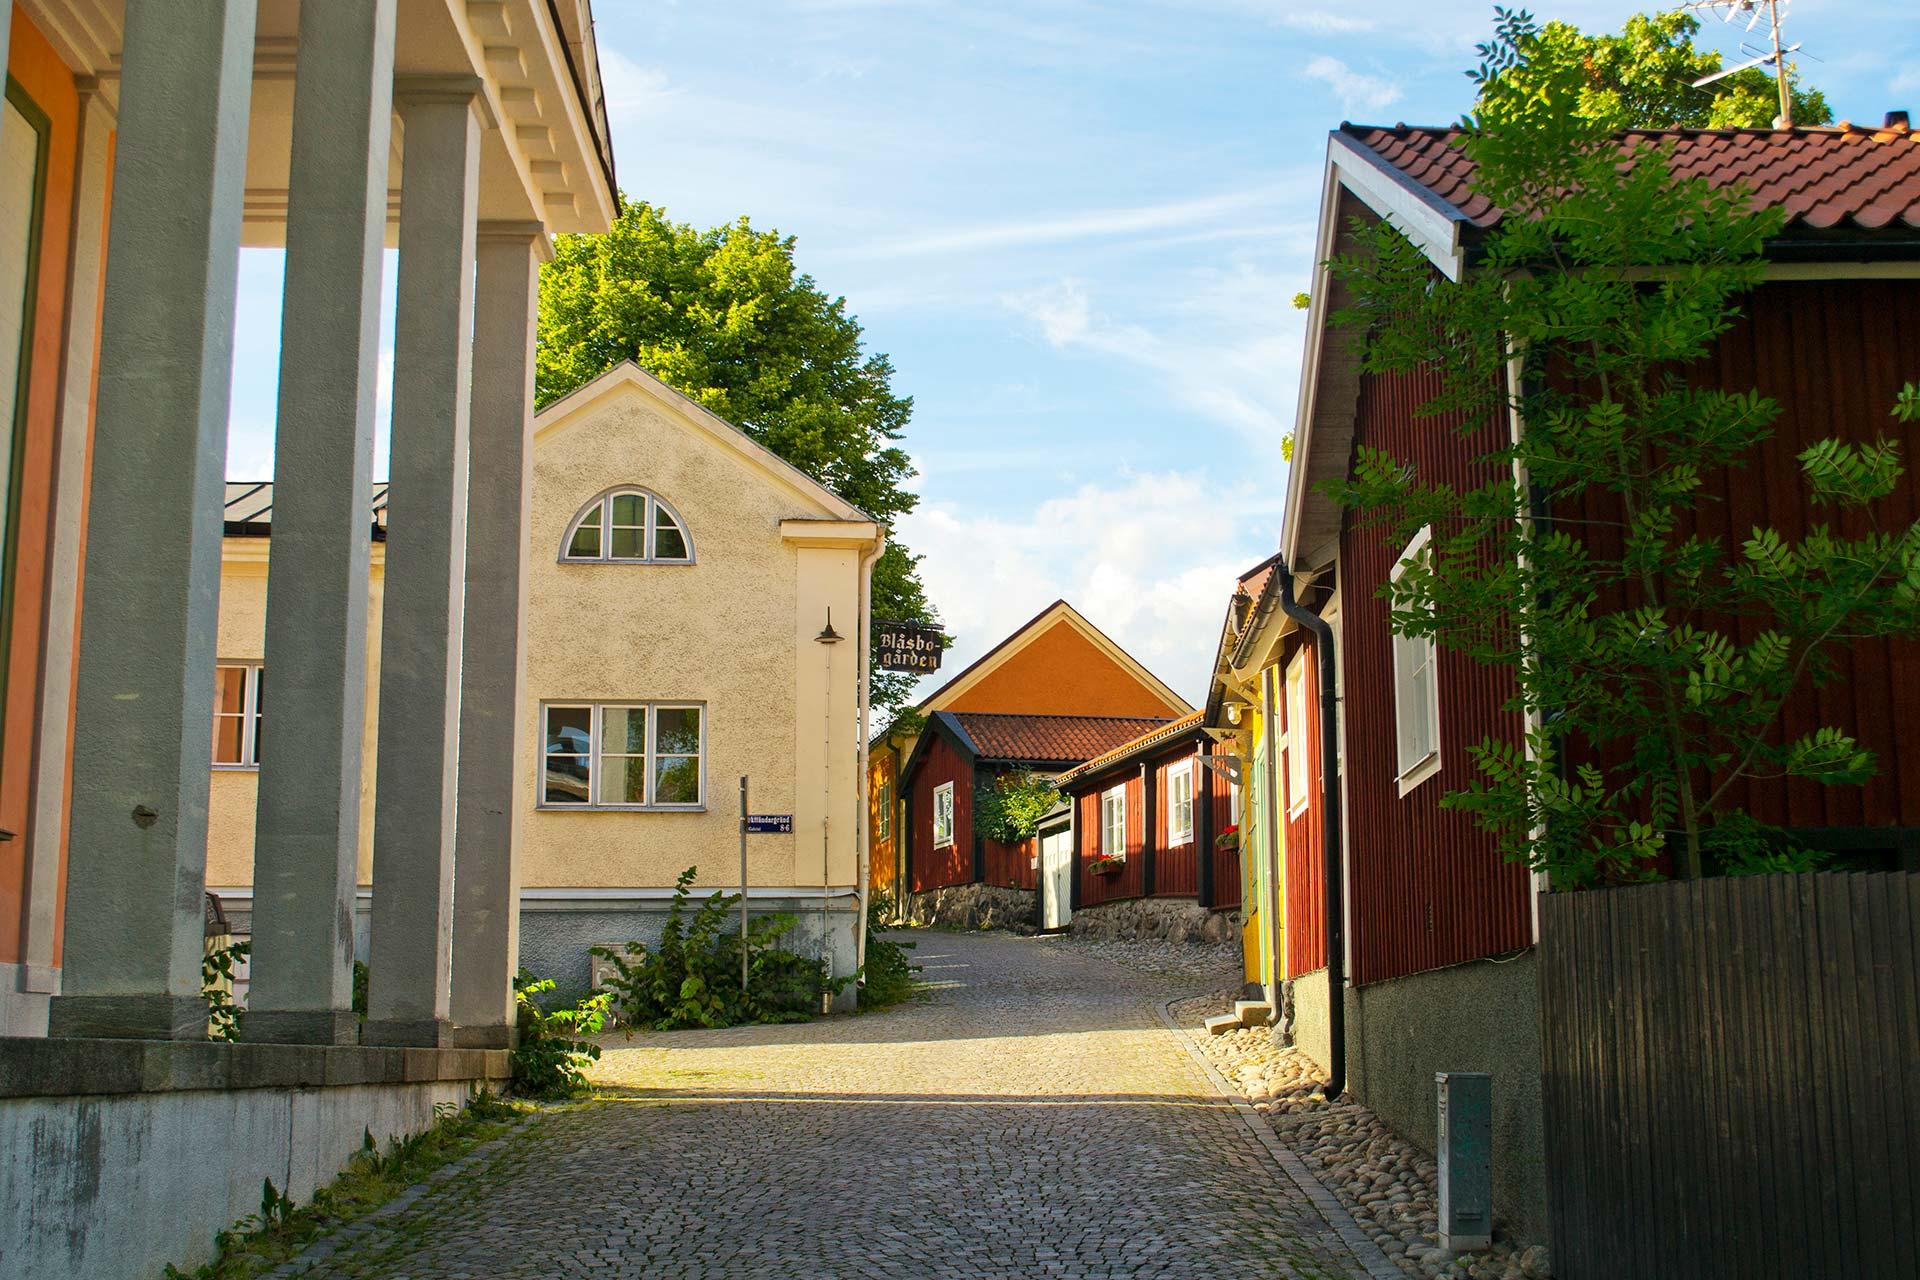 Kyrkbacken i Västerås. Fotograf: Mostphotos